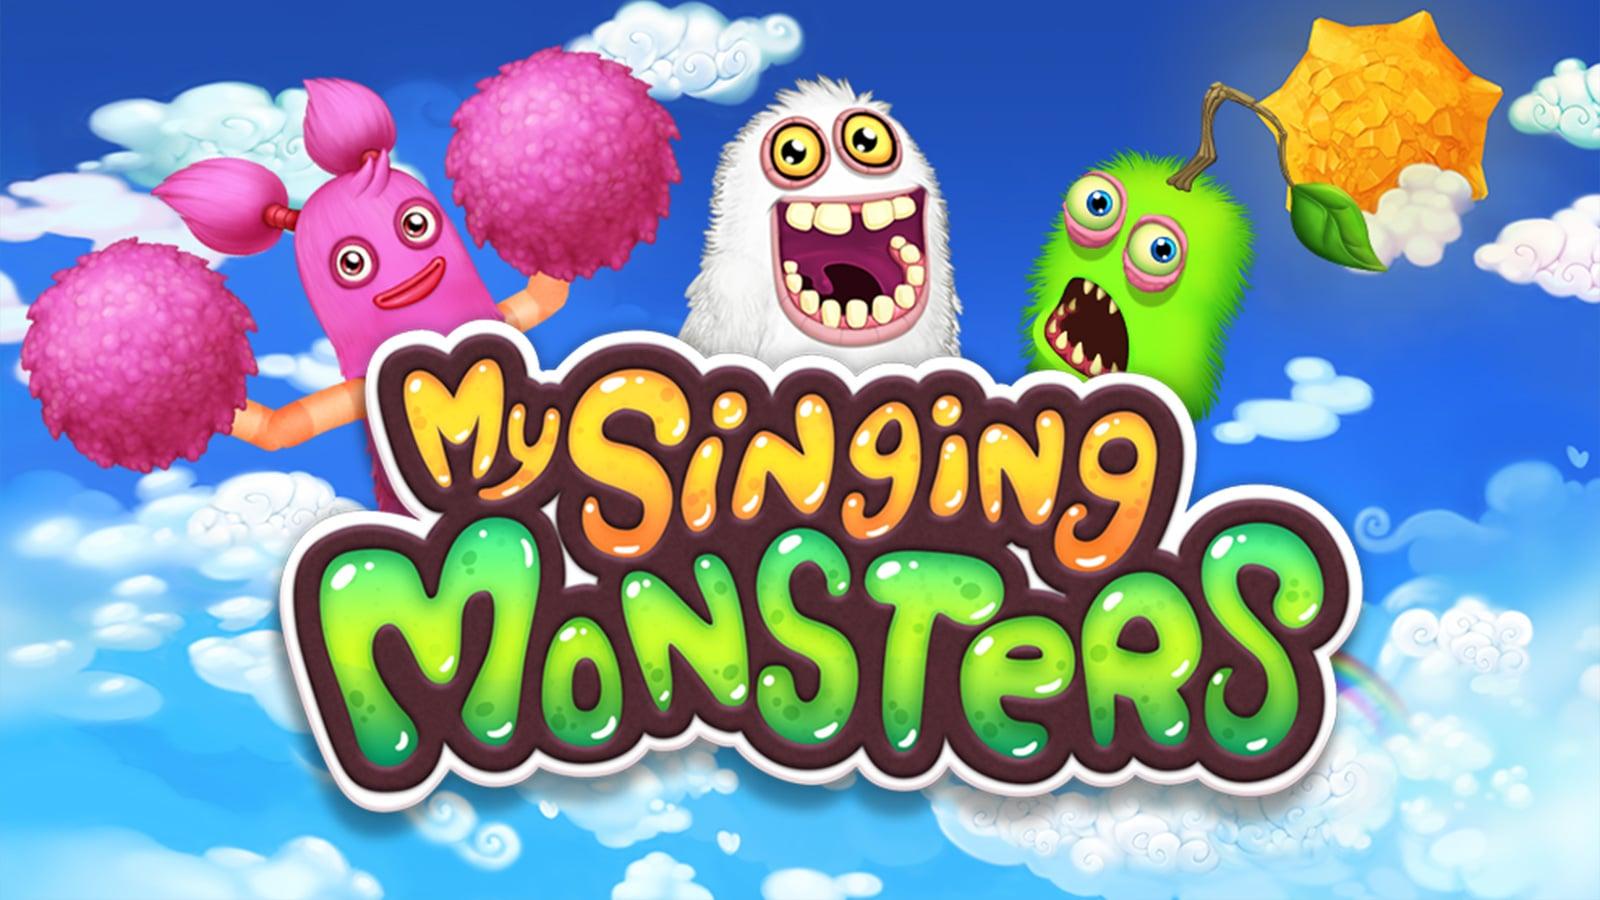 My Singing Monsters のビジュアル・アイデンティティ